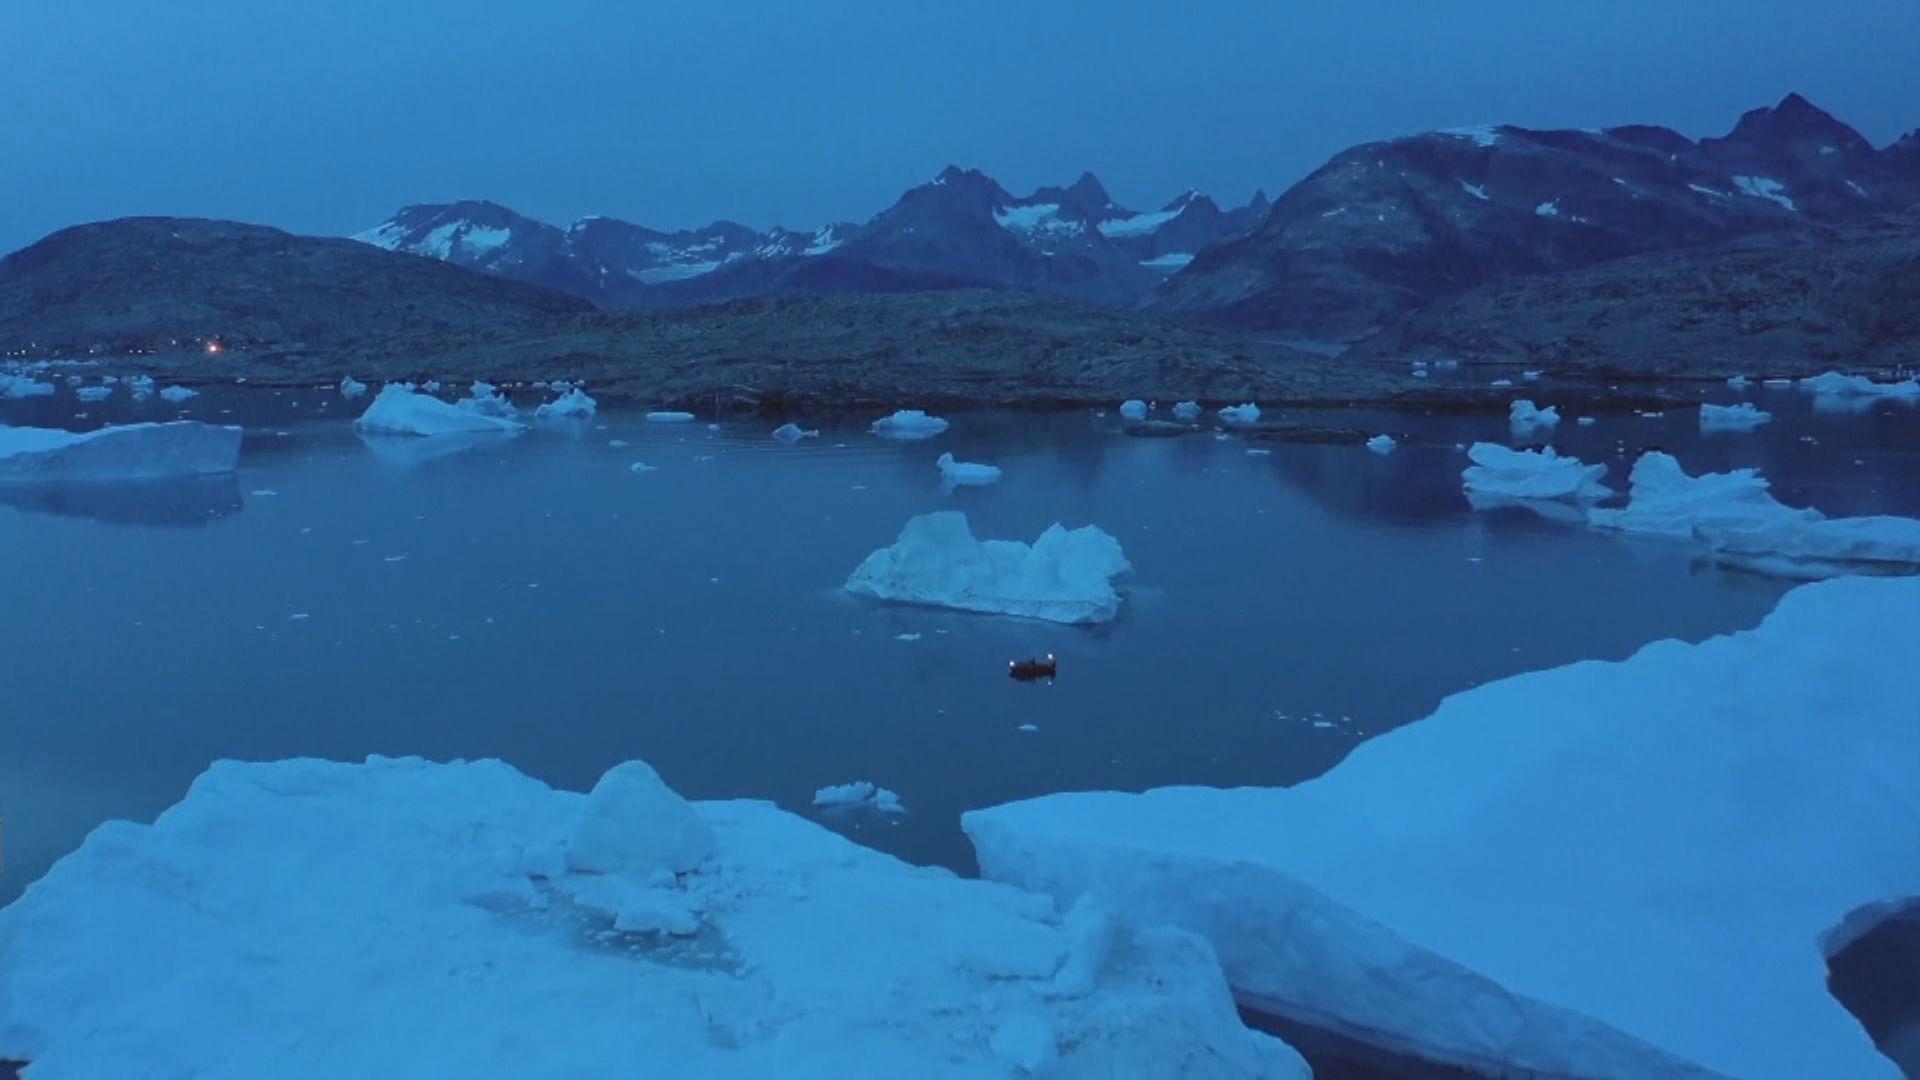 【環球薈報】研究指格陵蘭三大冰川融化速度較預期快